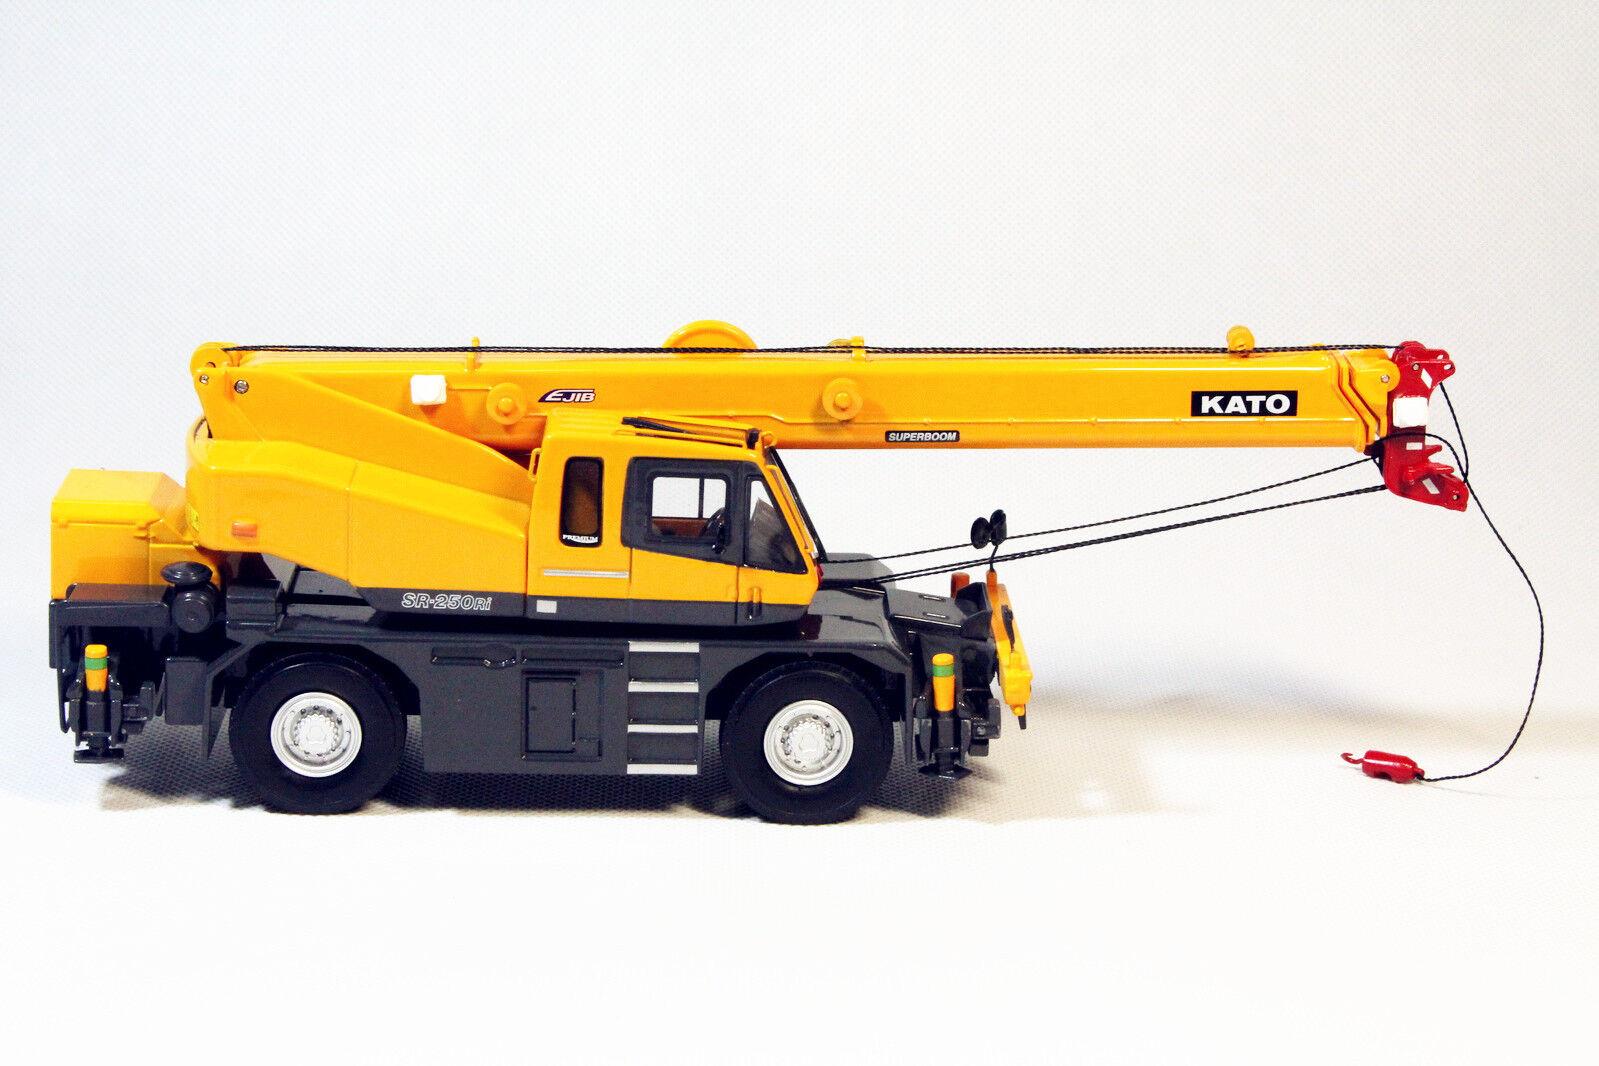 1 50 KATO SR-250Ri Premium Roughter Rough Terrain Off-road Crane DieCast Model